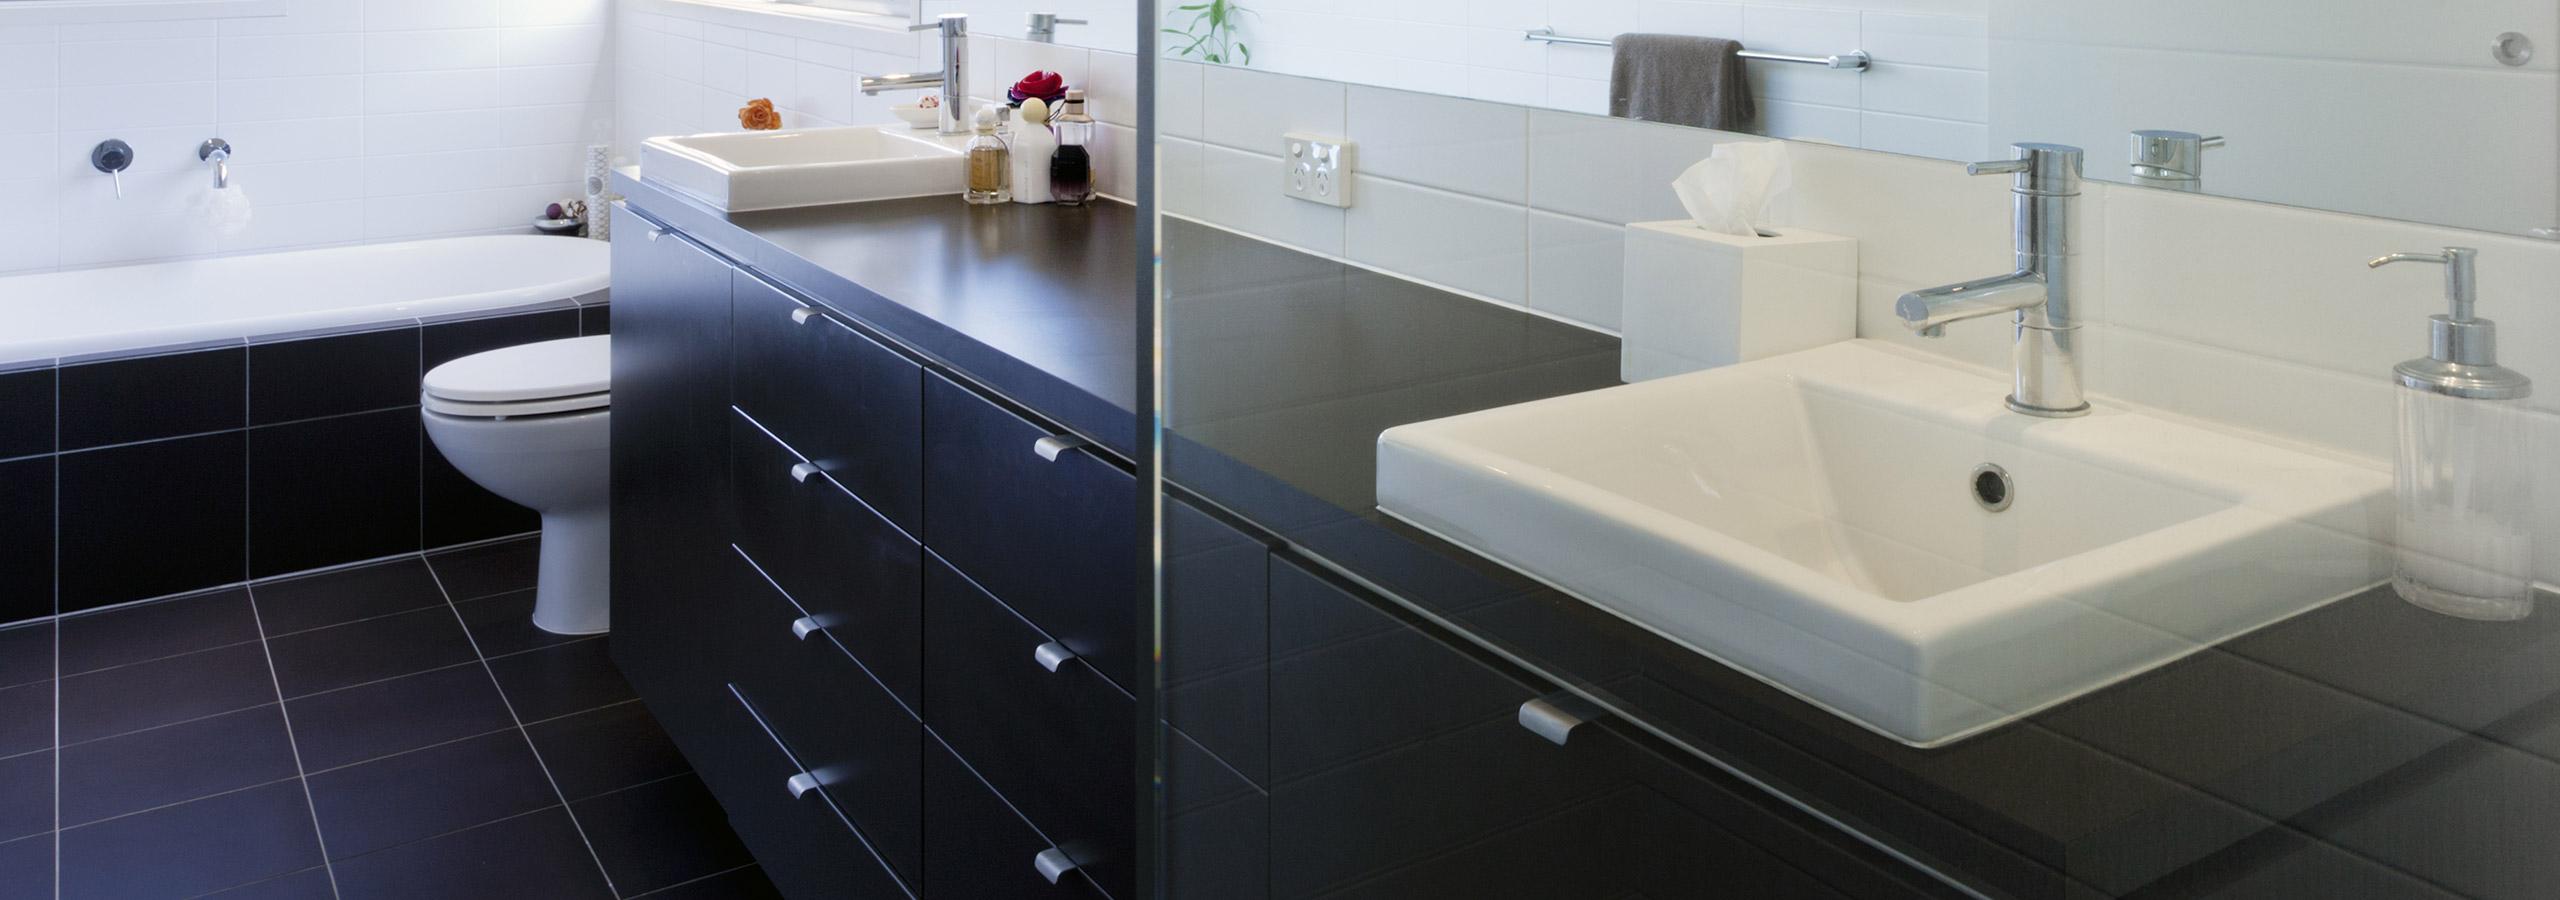 badkamermeubels en spiegelkasten plaatsen rondom vlijmen